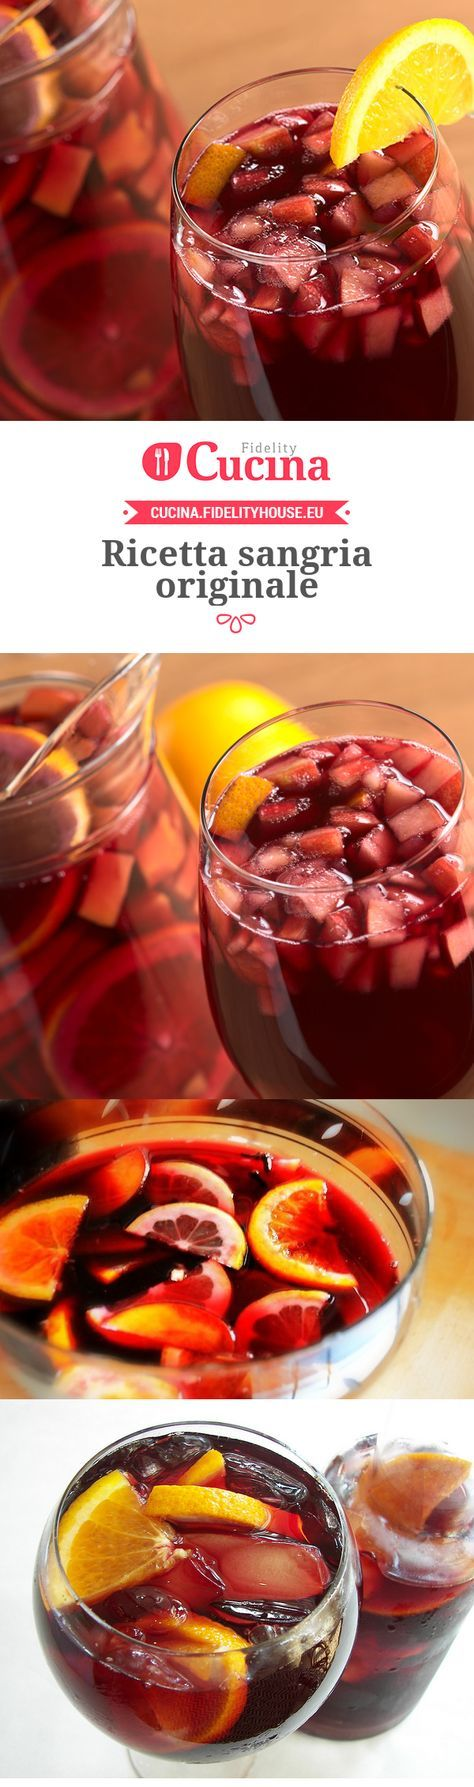 La sangria originale è una bevanda alcolica di origini spagnole, preparata e consumata, ormai, in tutto il mondo. Vediamo come prepararla in cas